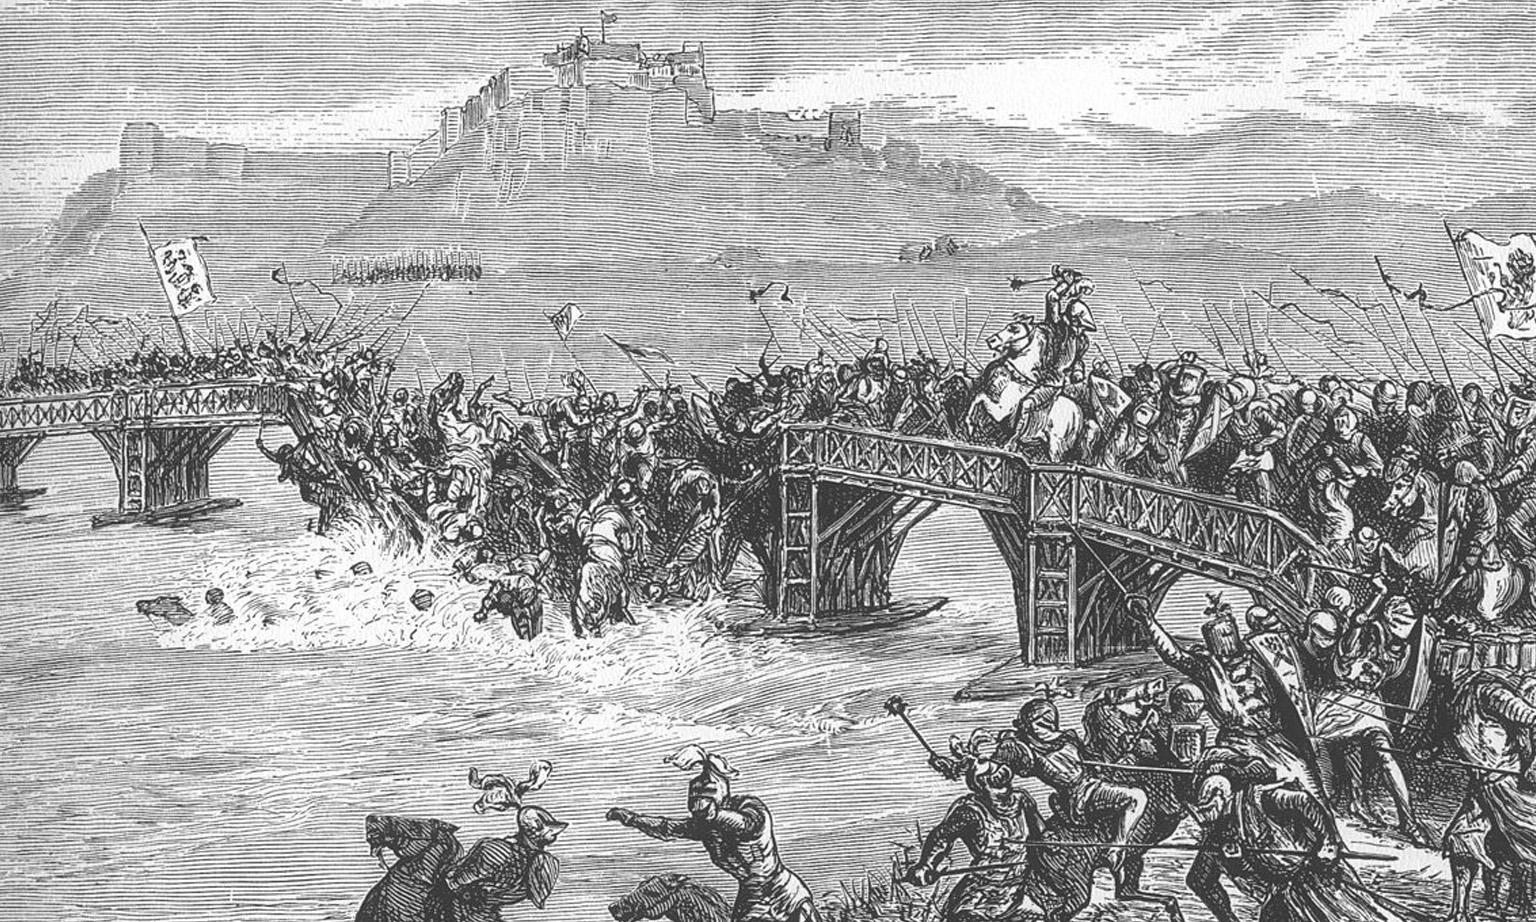 ยุทธภูมิสะพานสเตอร์ลิง วิลเลียม วอลเลซทำสงครามเรียกร้องเอกราชจากอังกฤษ